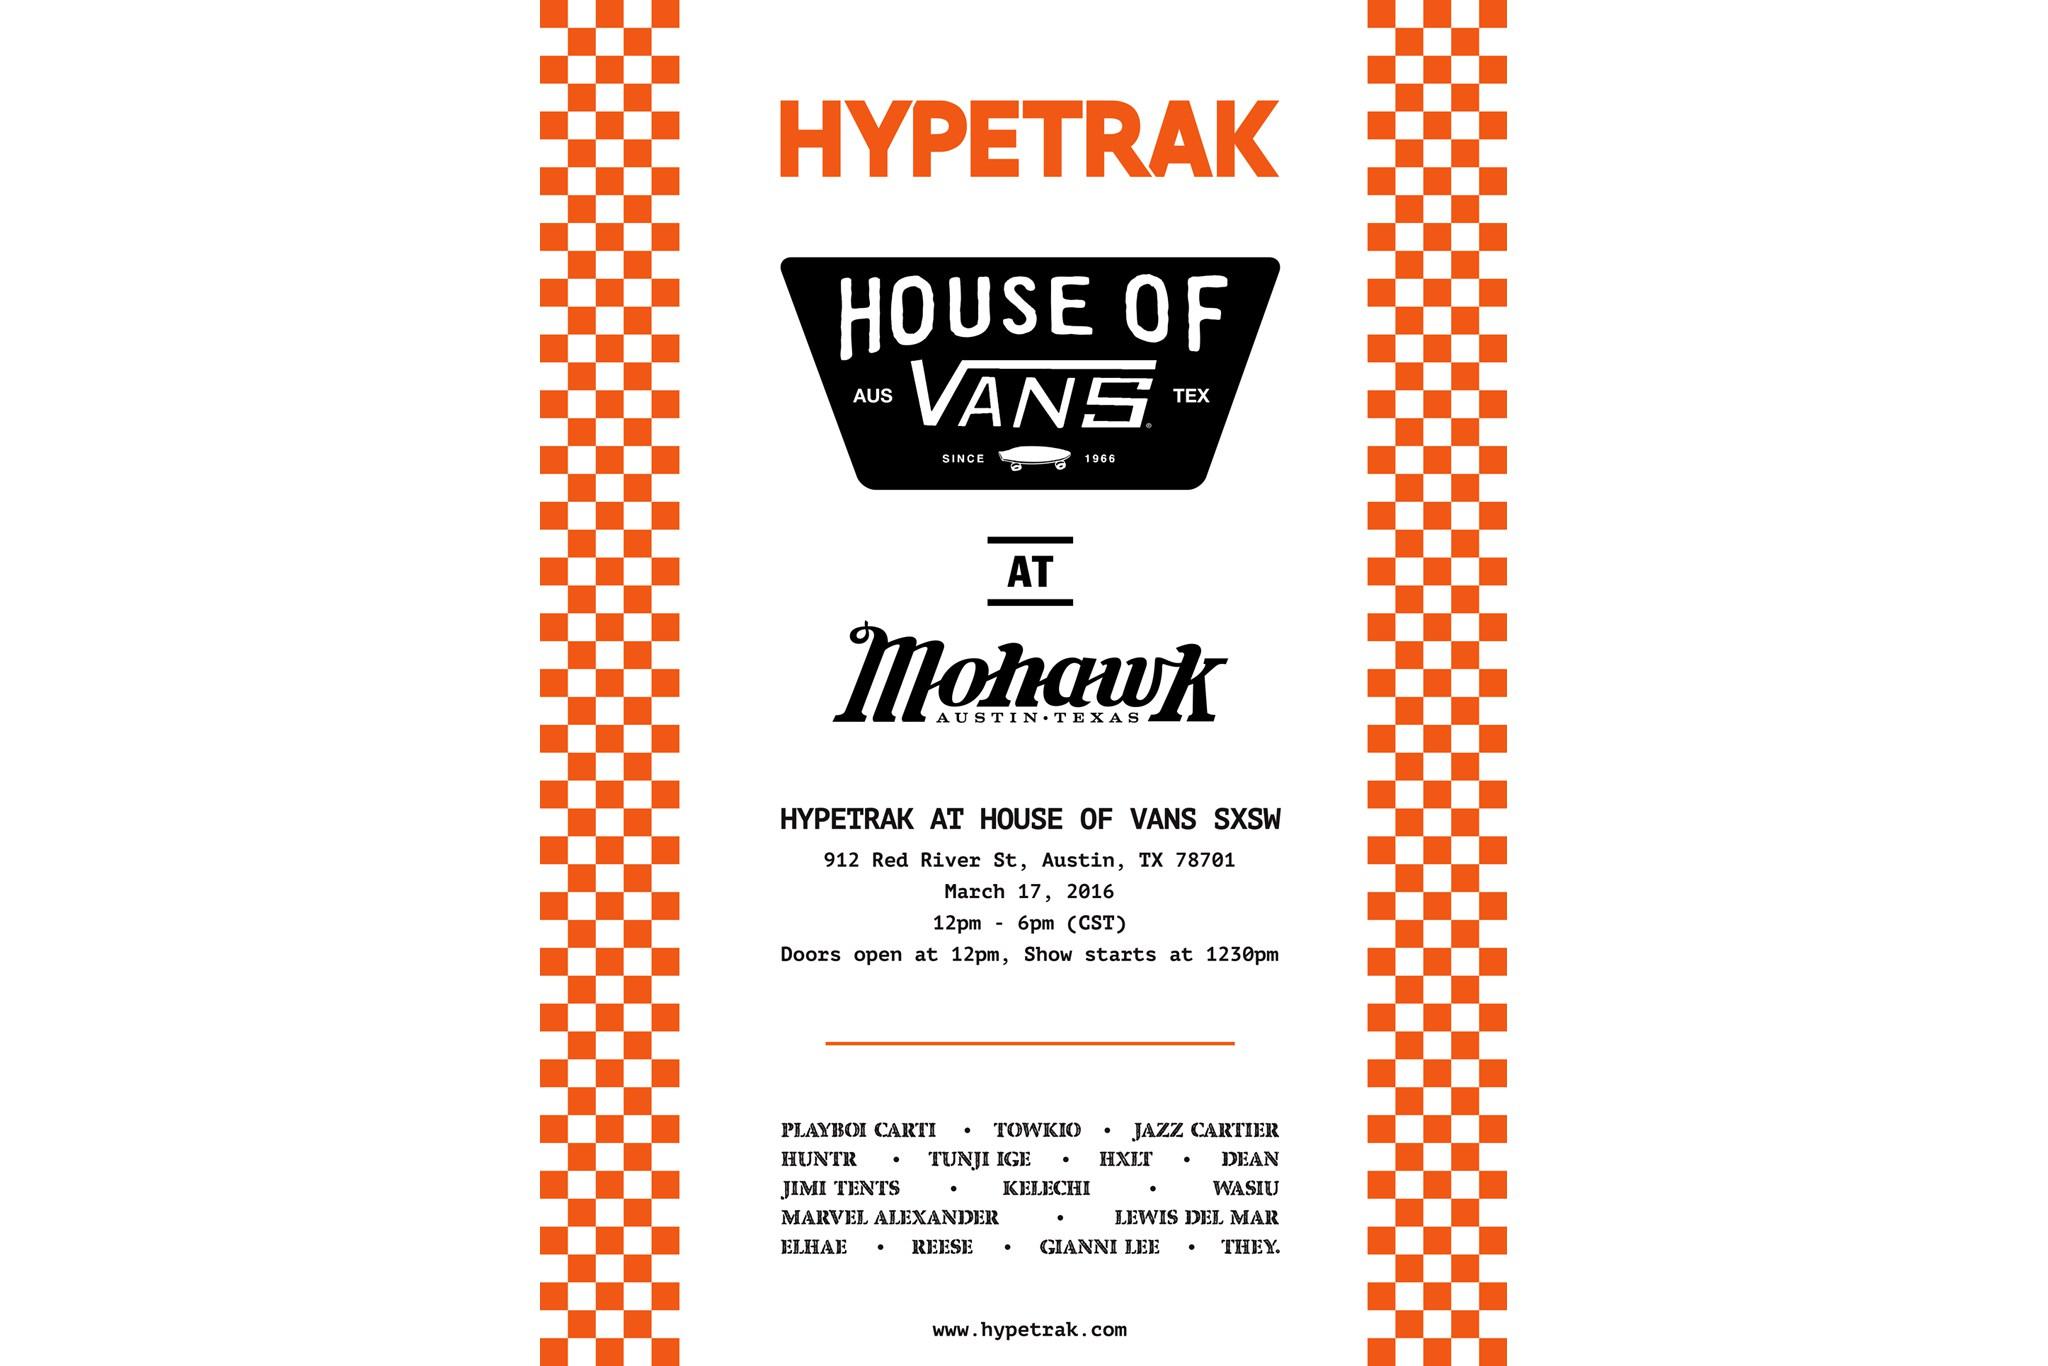 hypetrak-house-of-vans-sxsw-2.jpg